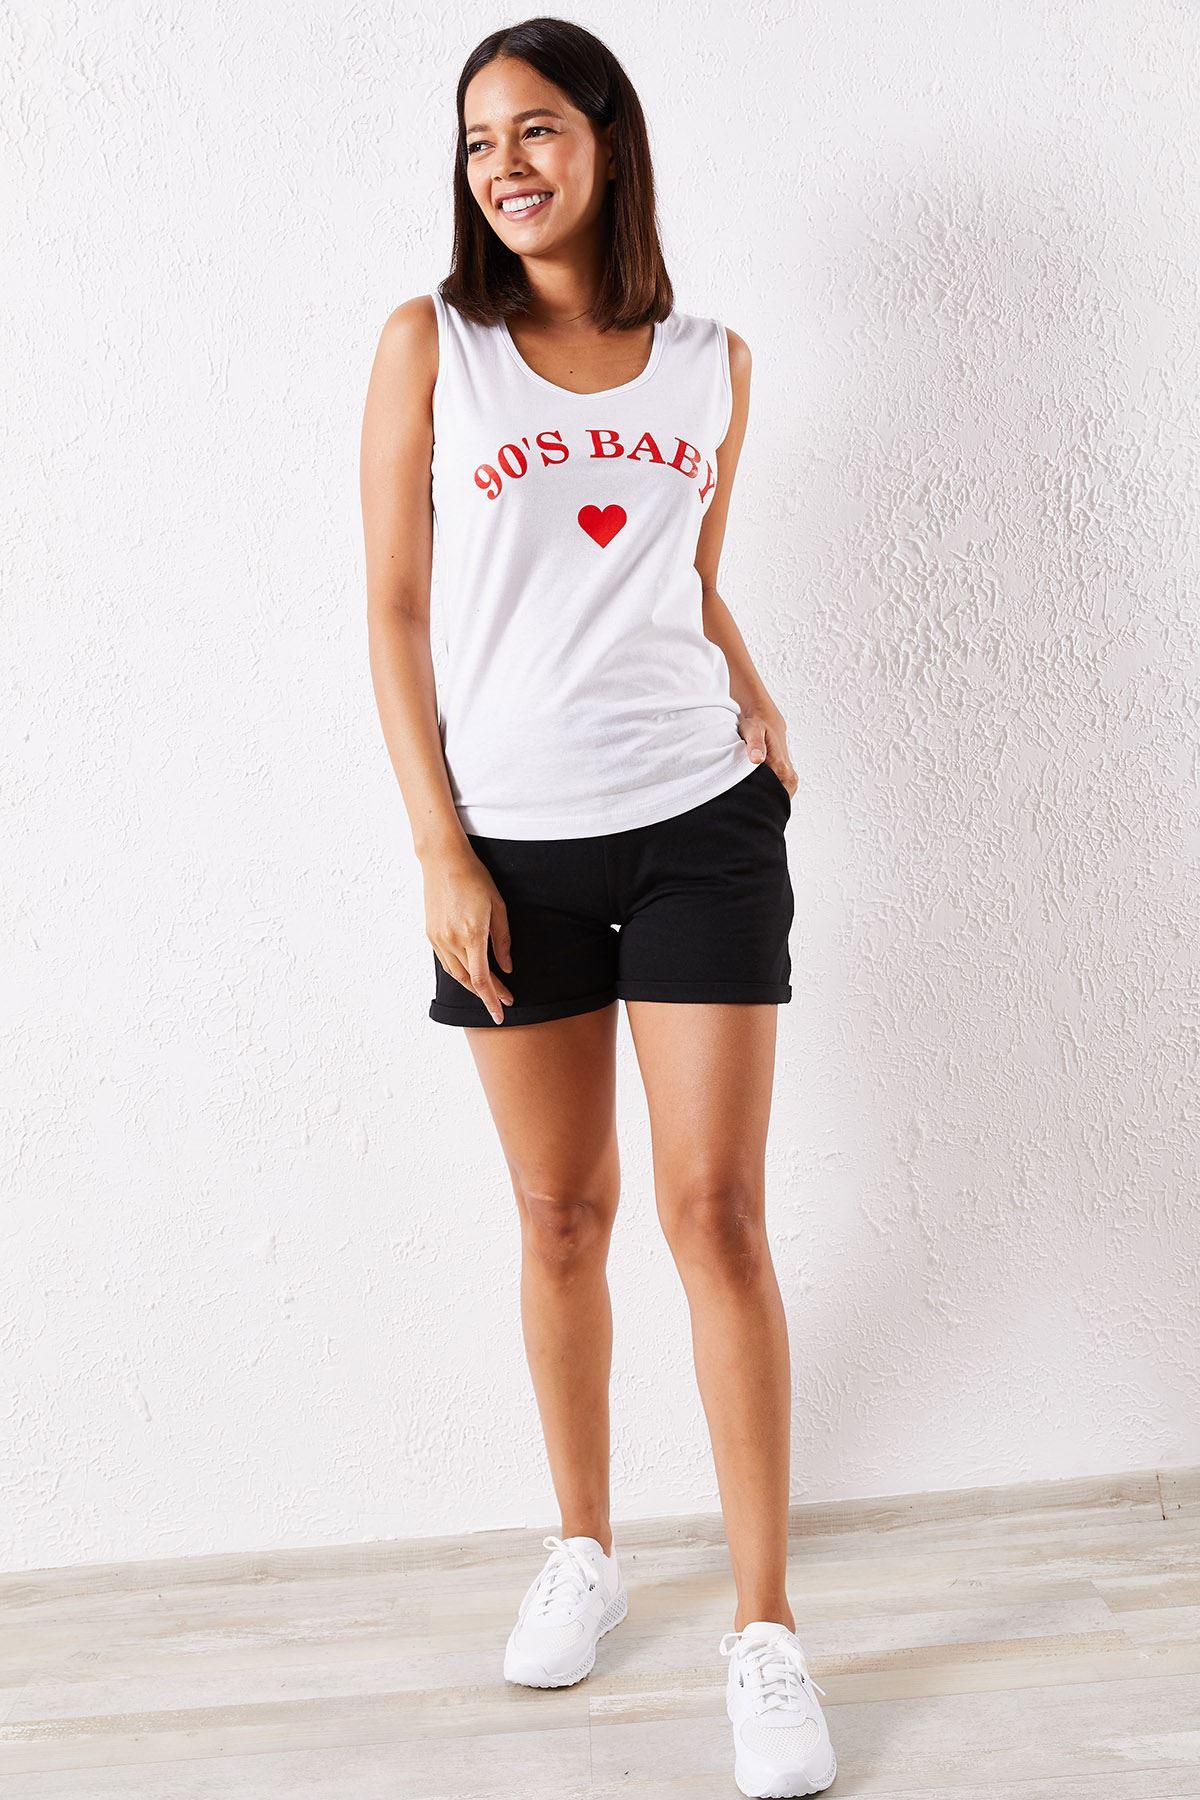 Kadın Atlet Kalp Baskılı Beyaz Şortlu Takım